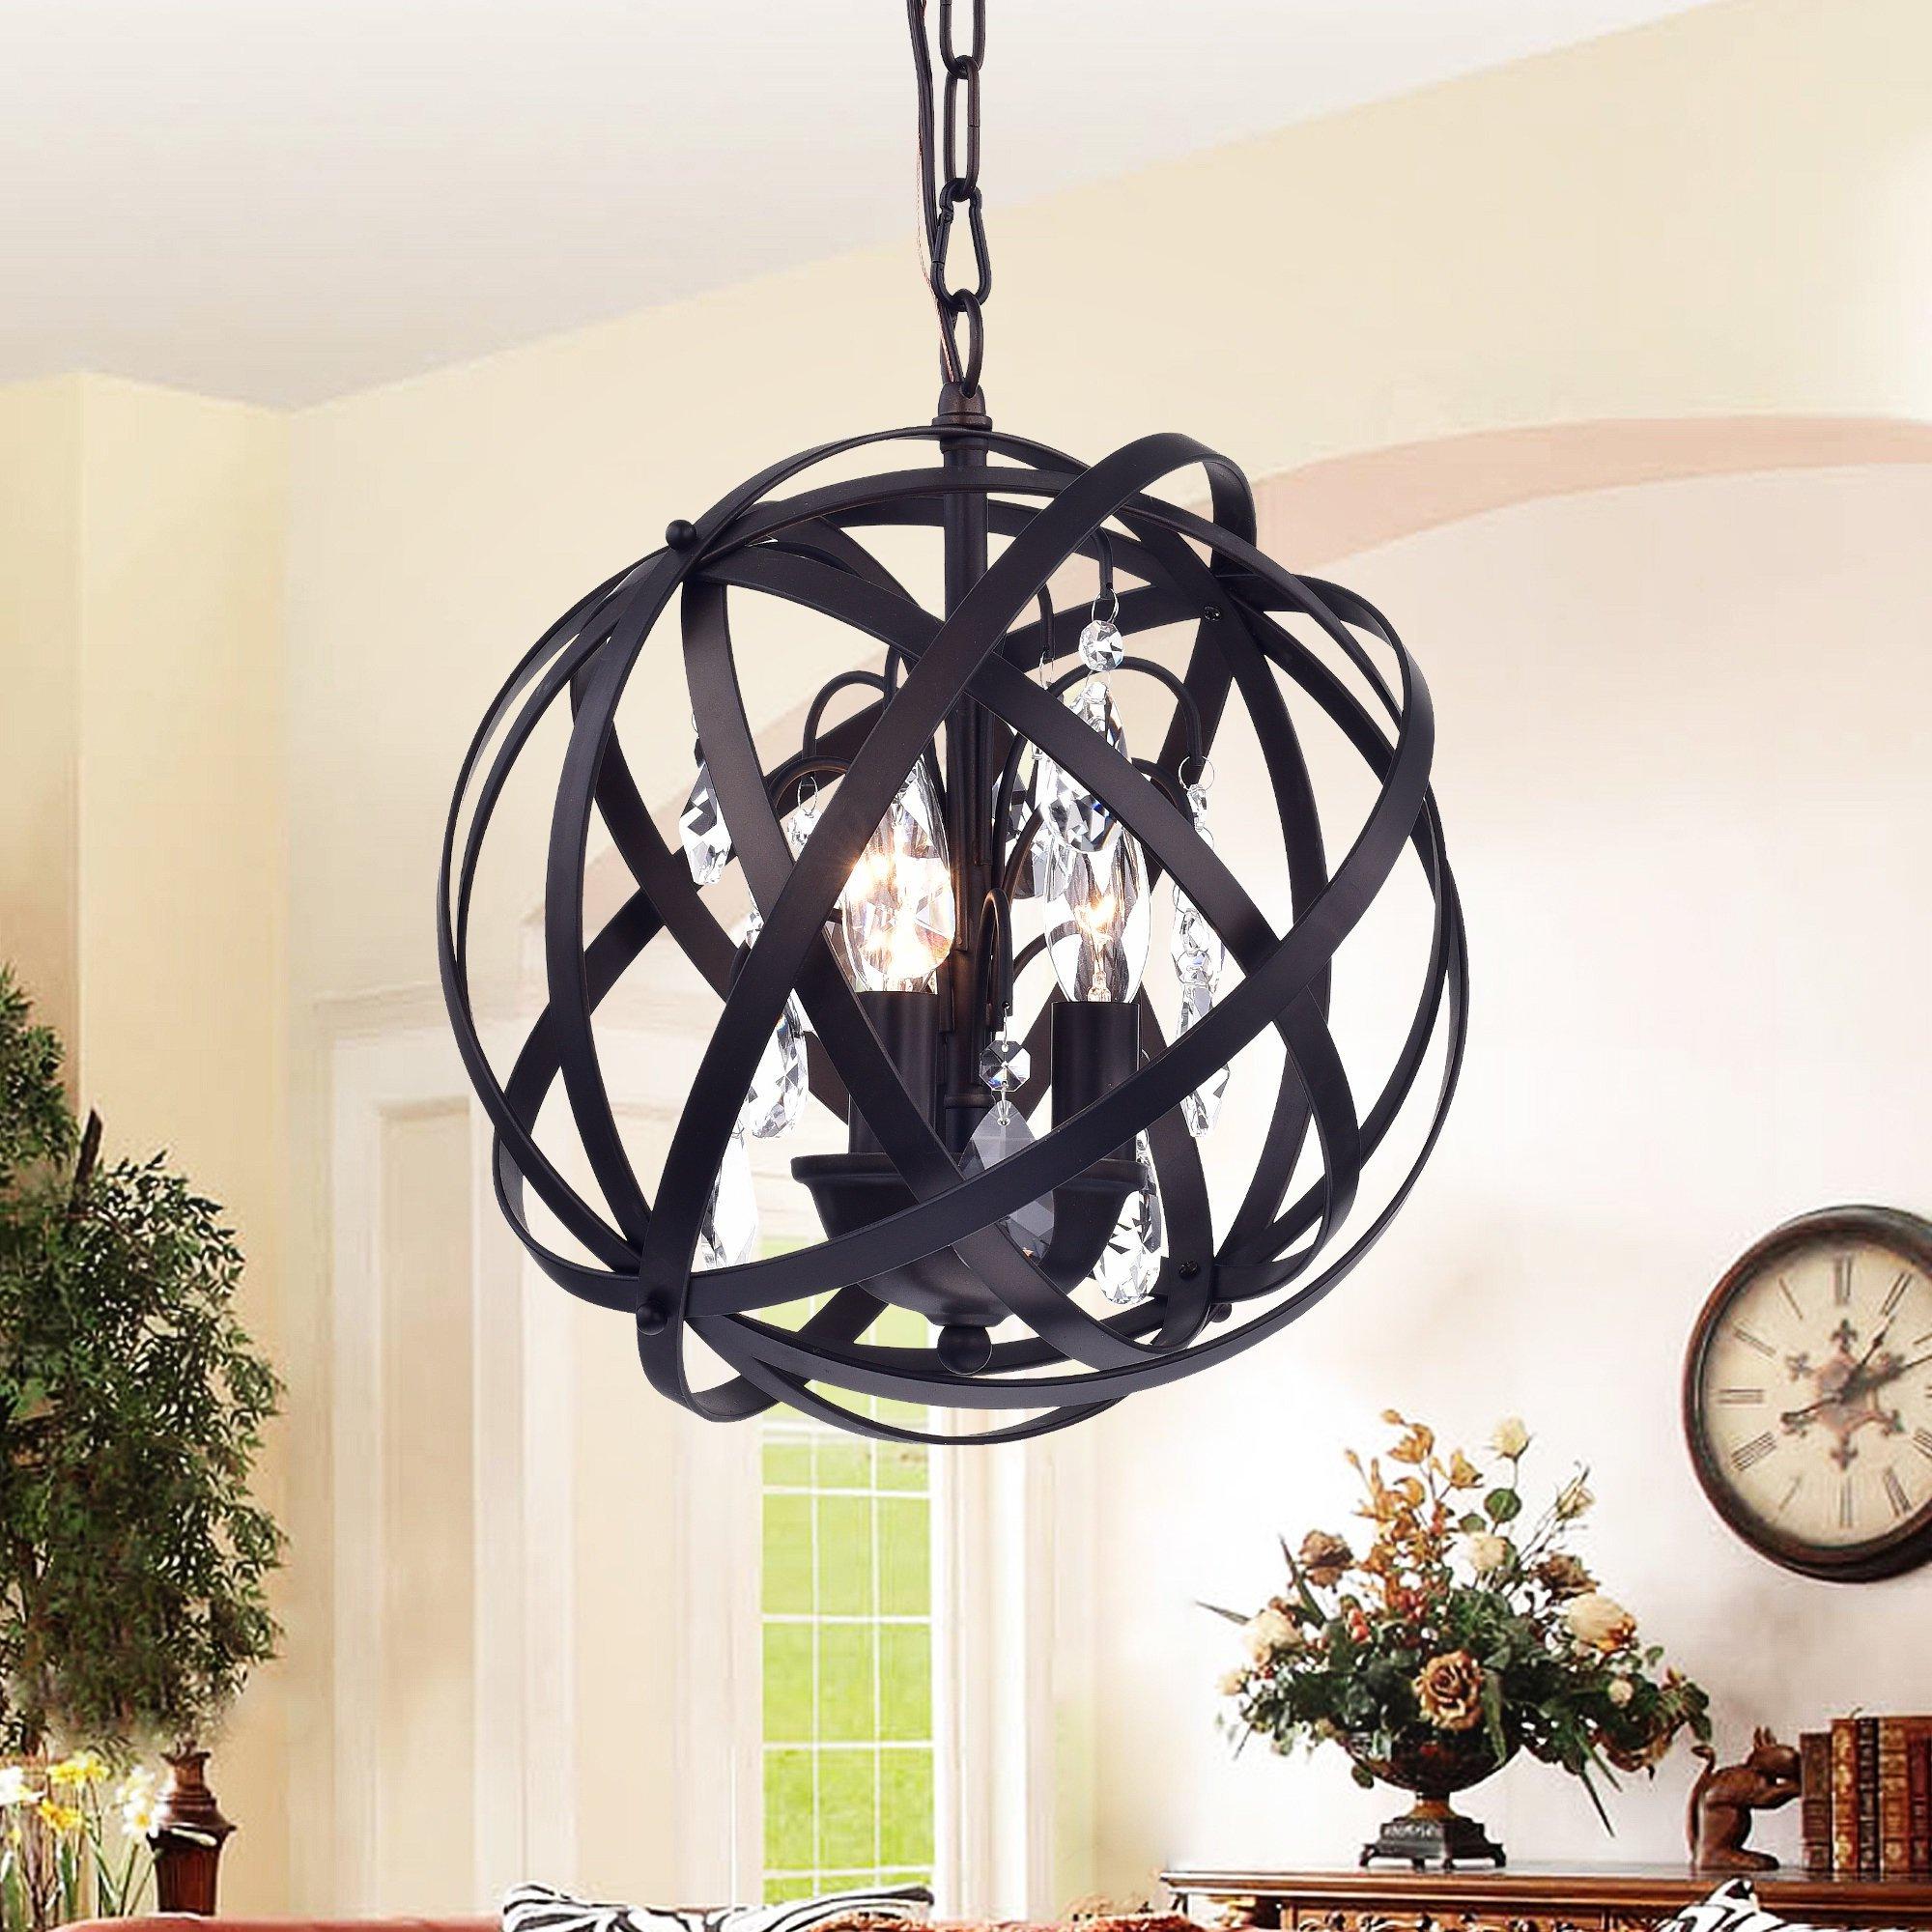 Deadra 3 Light Globe Pendant Intended For Famous Adcock 3 Light Single Globe Pendants (View 14 of 25)